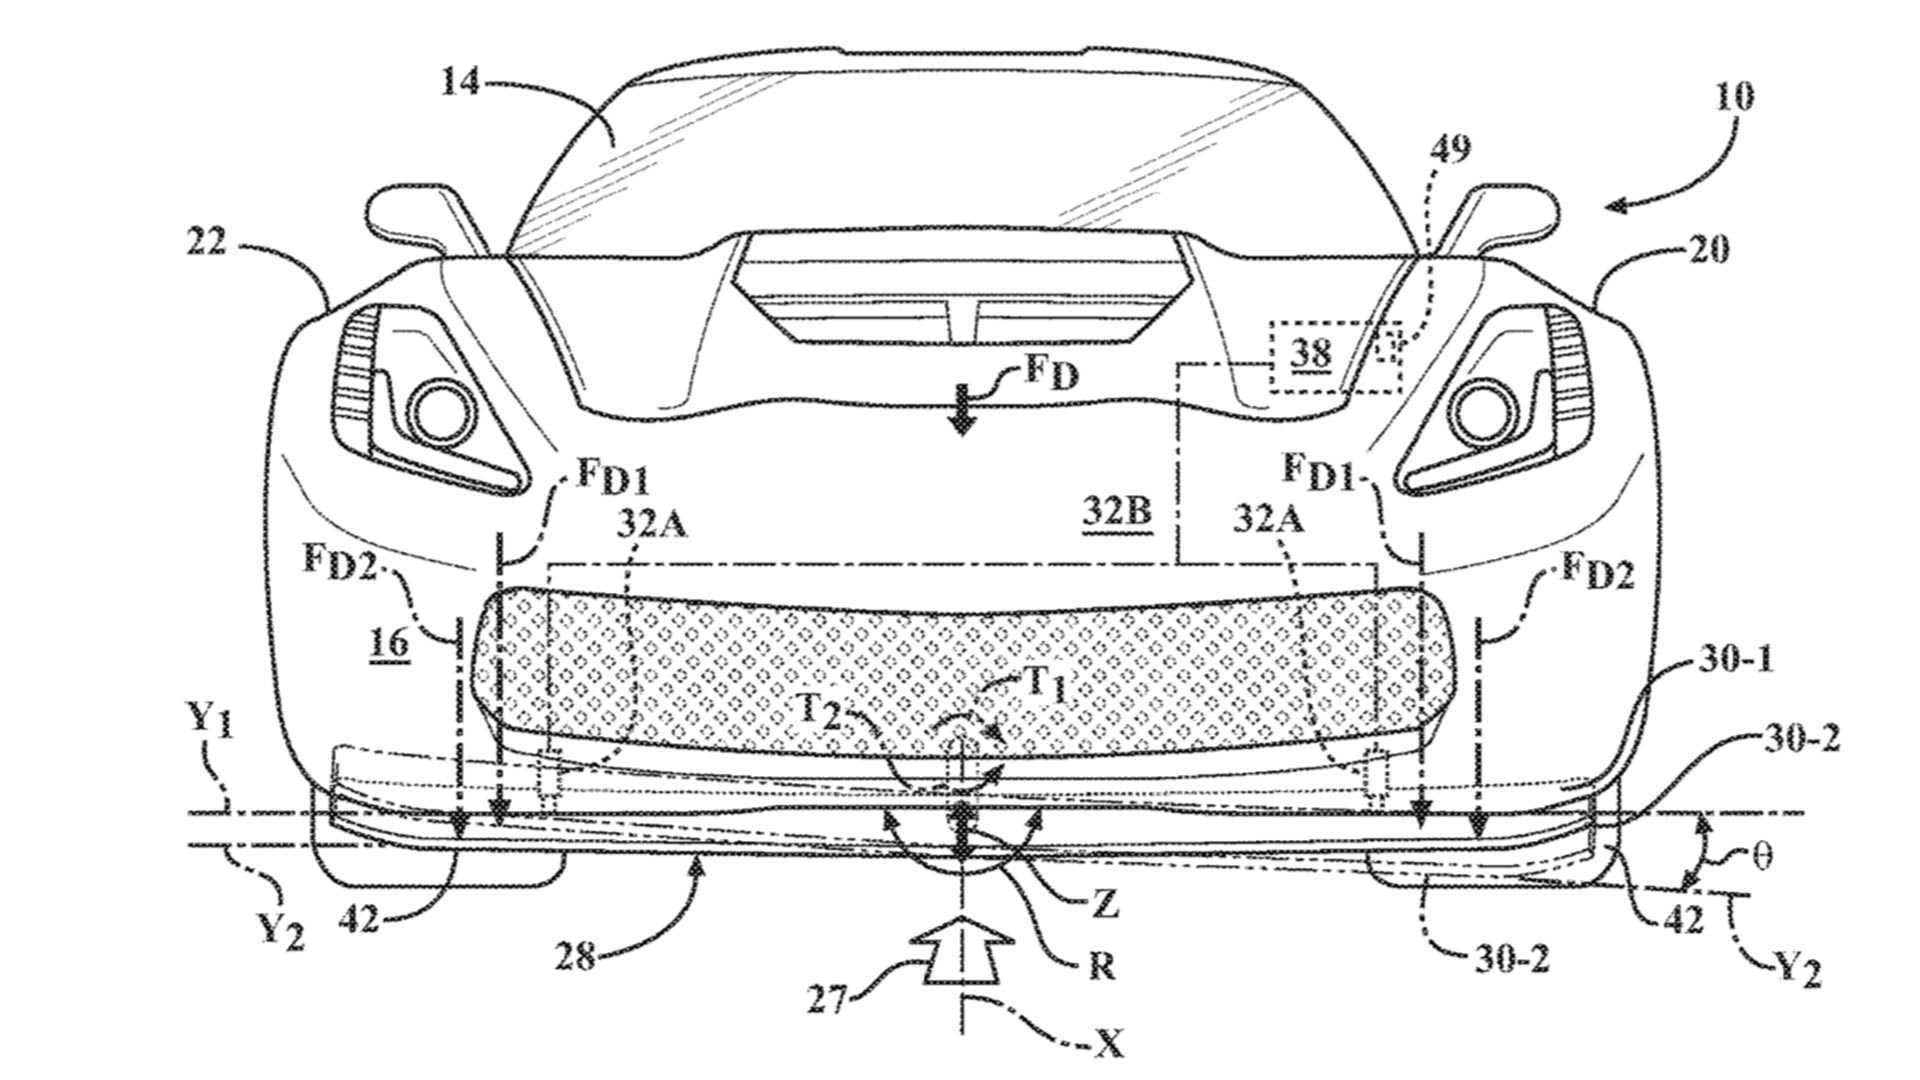 Среднемоторный Corvette оснастят активным передним сплиттером